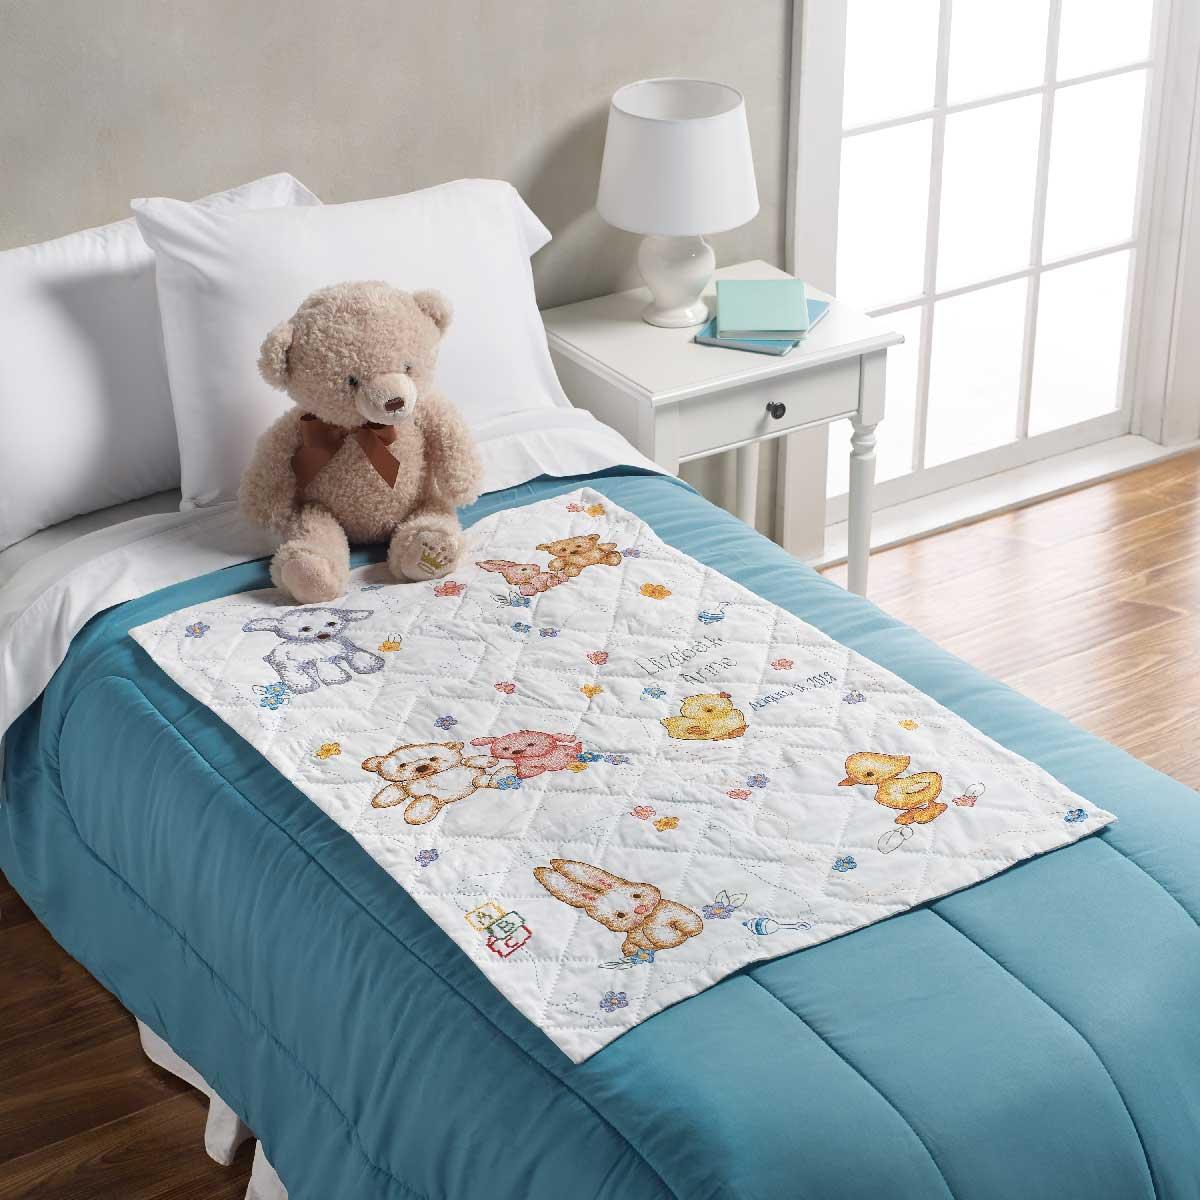 Bucilla ® Baby - Stamped Cross Stitch - Crib Ensembles - Hallmark - Playful Pals - Quilt Blocks